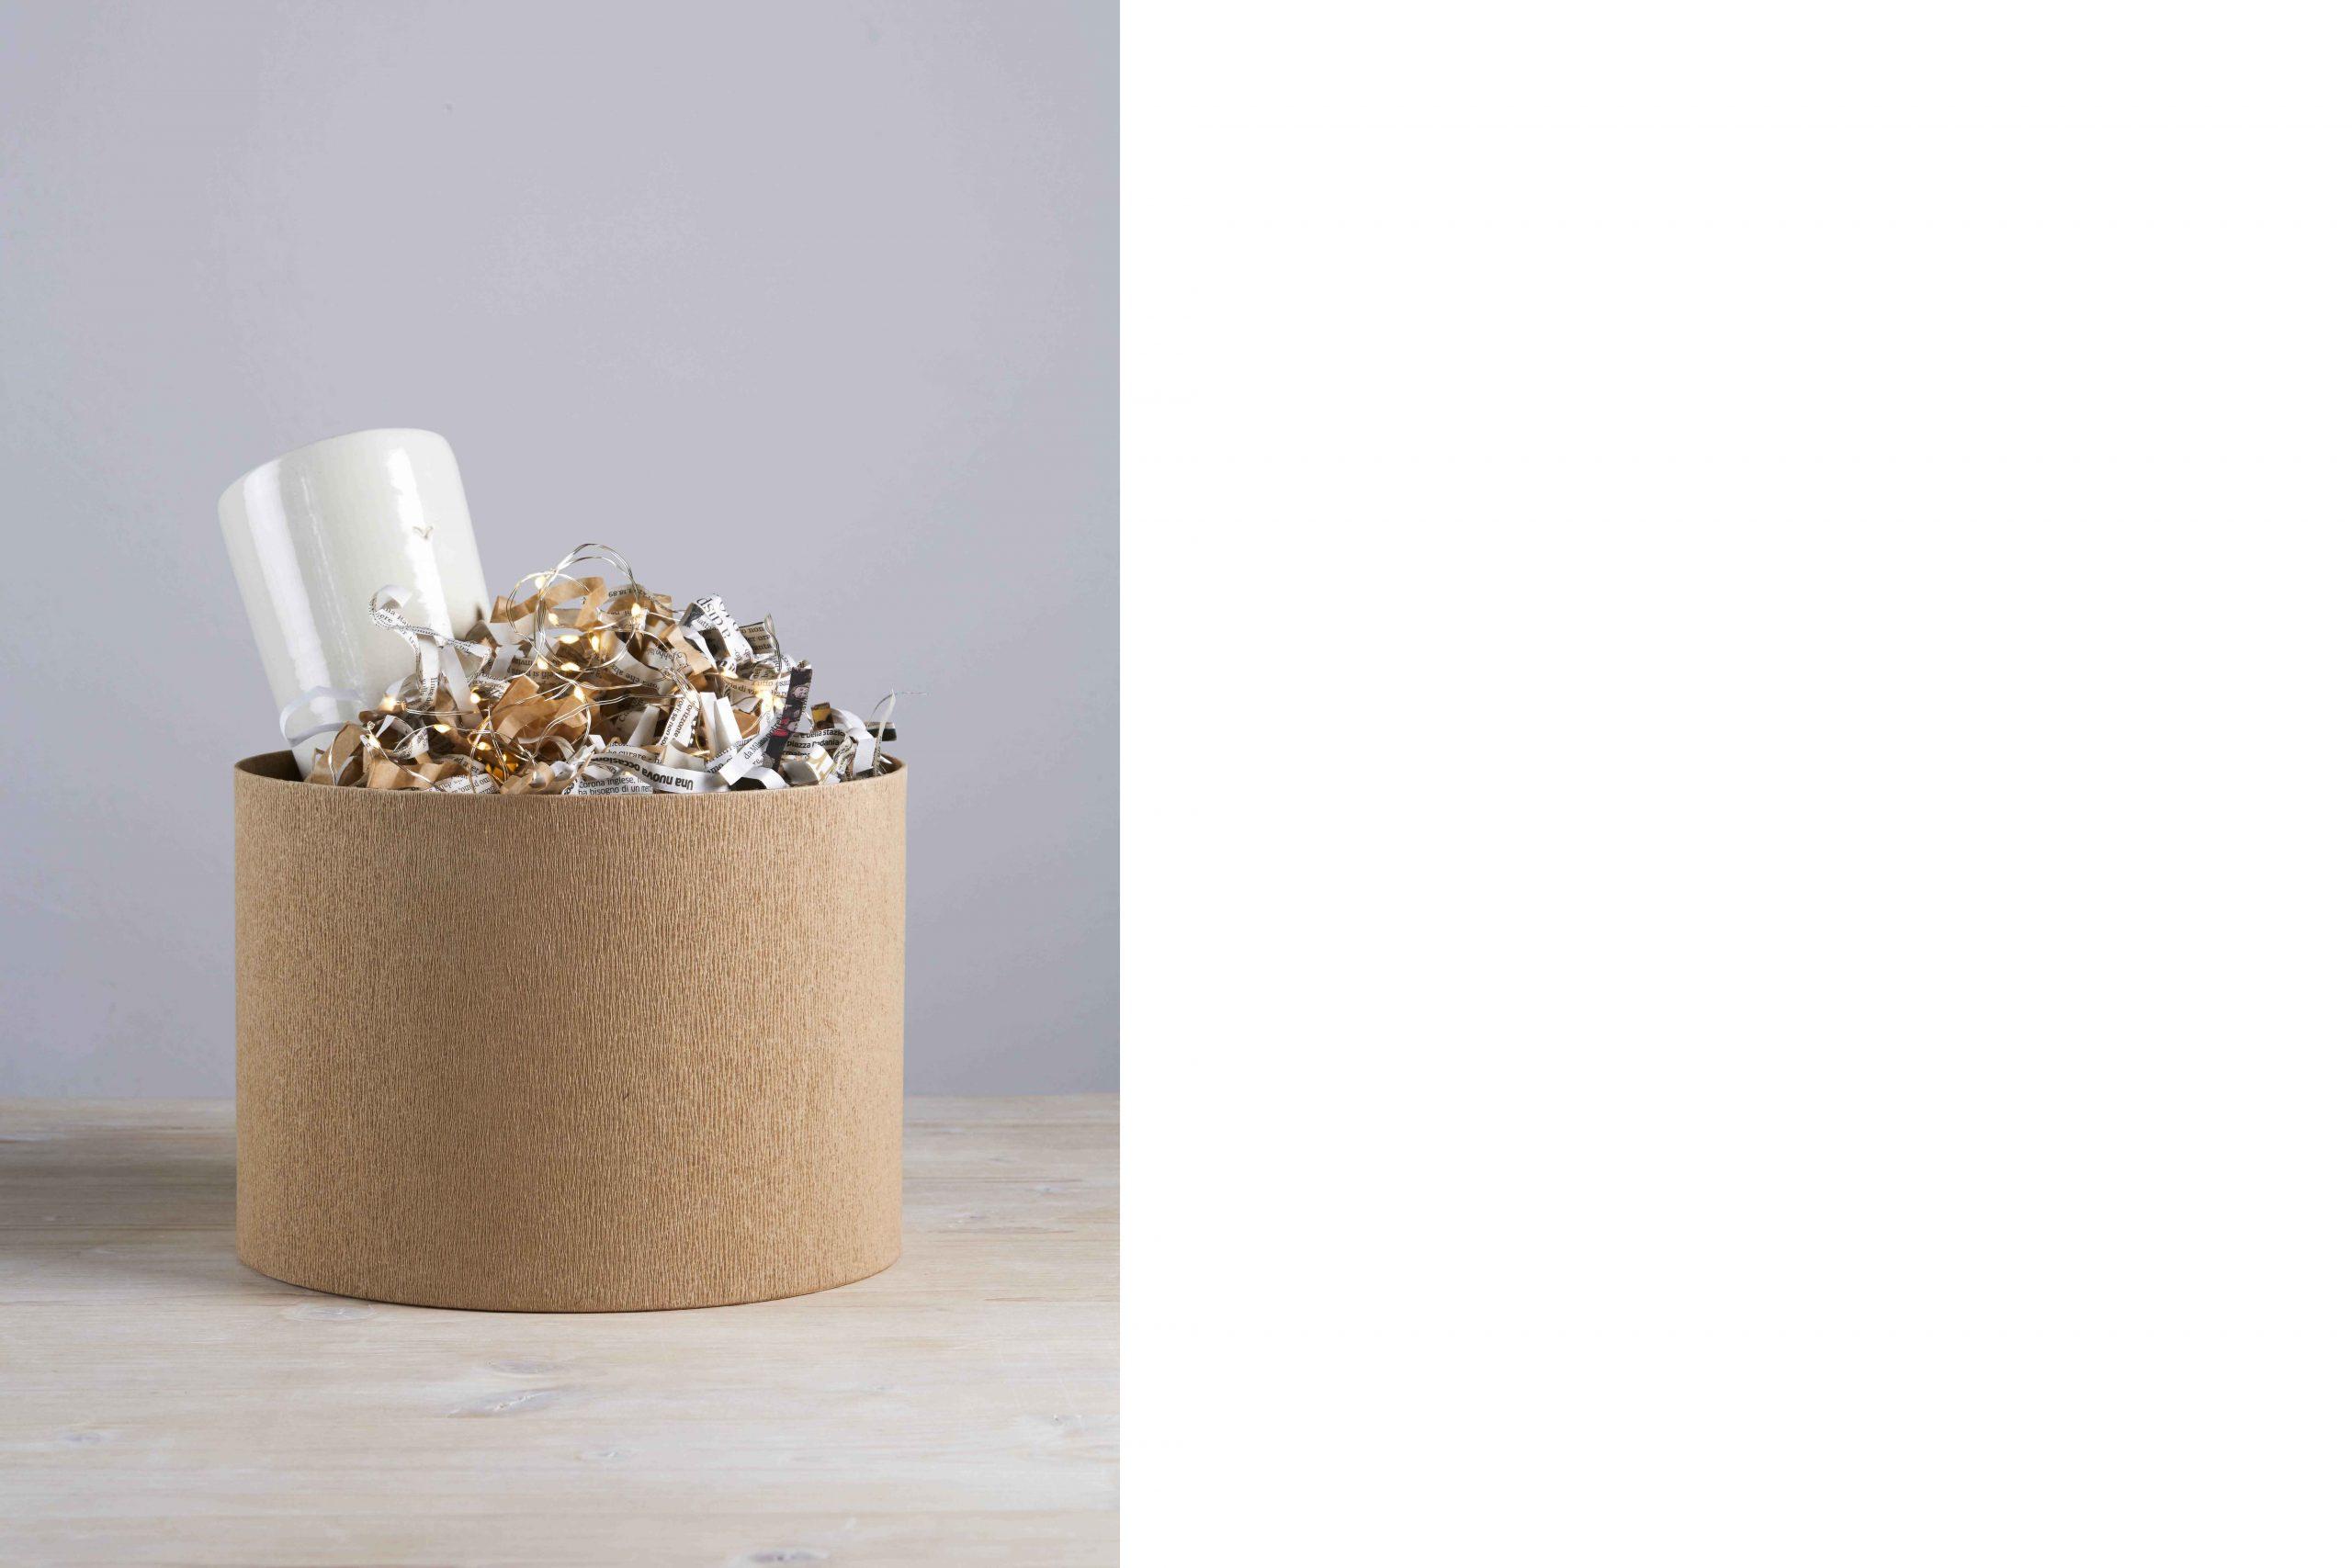 una scatola da cui esce un vaso ceramico - artigianale - Federica Ramacciotti